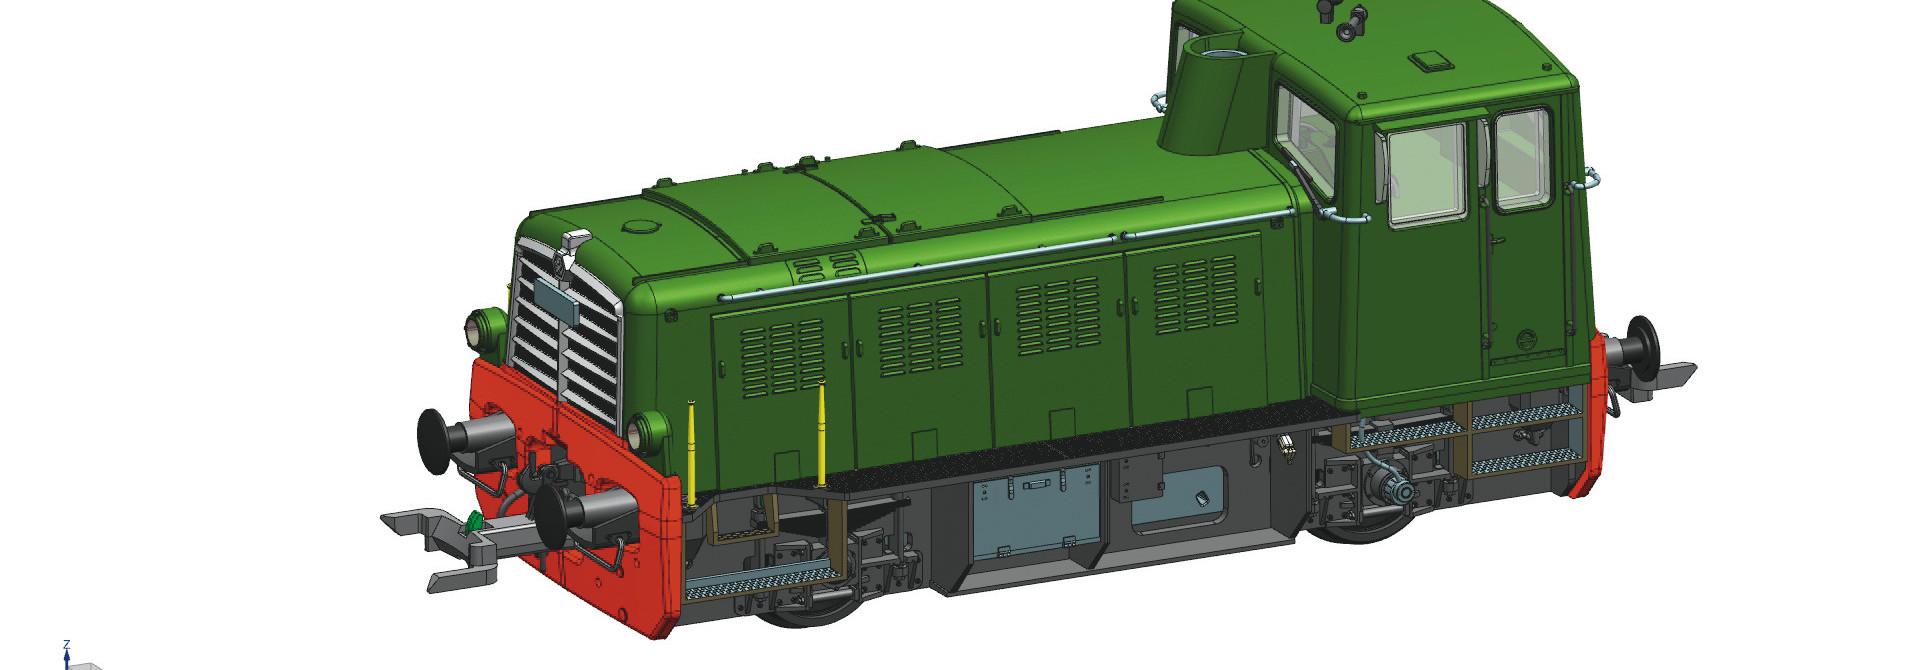 72003 Diesellok MG2 RZD DC-Snd.